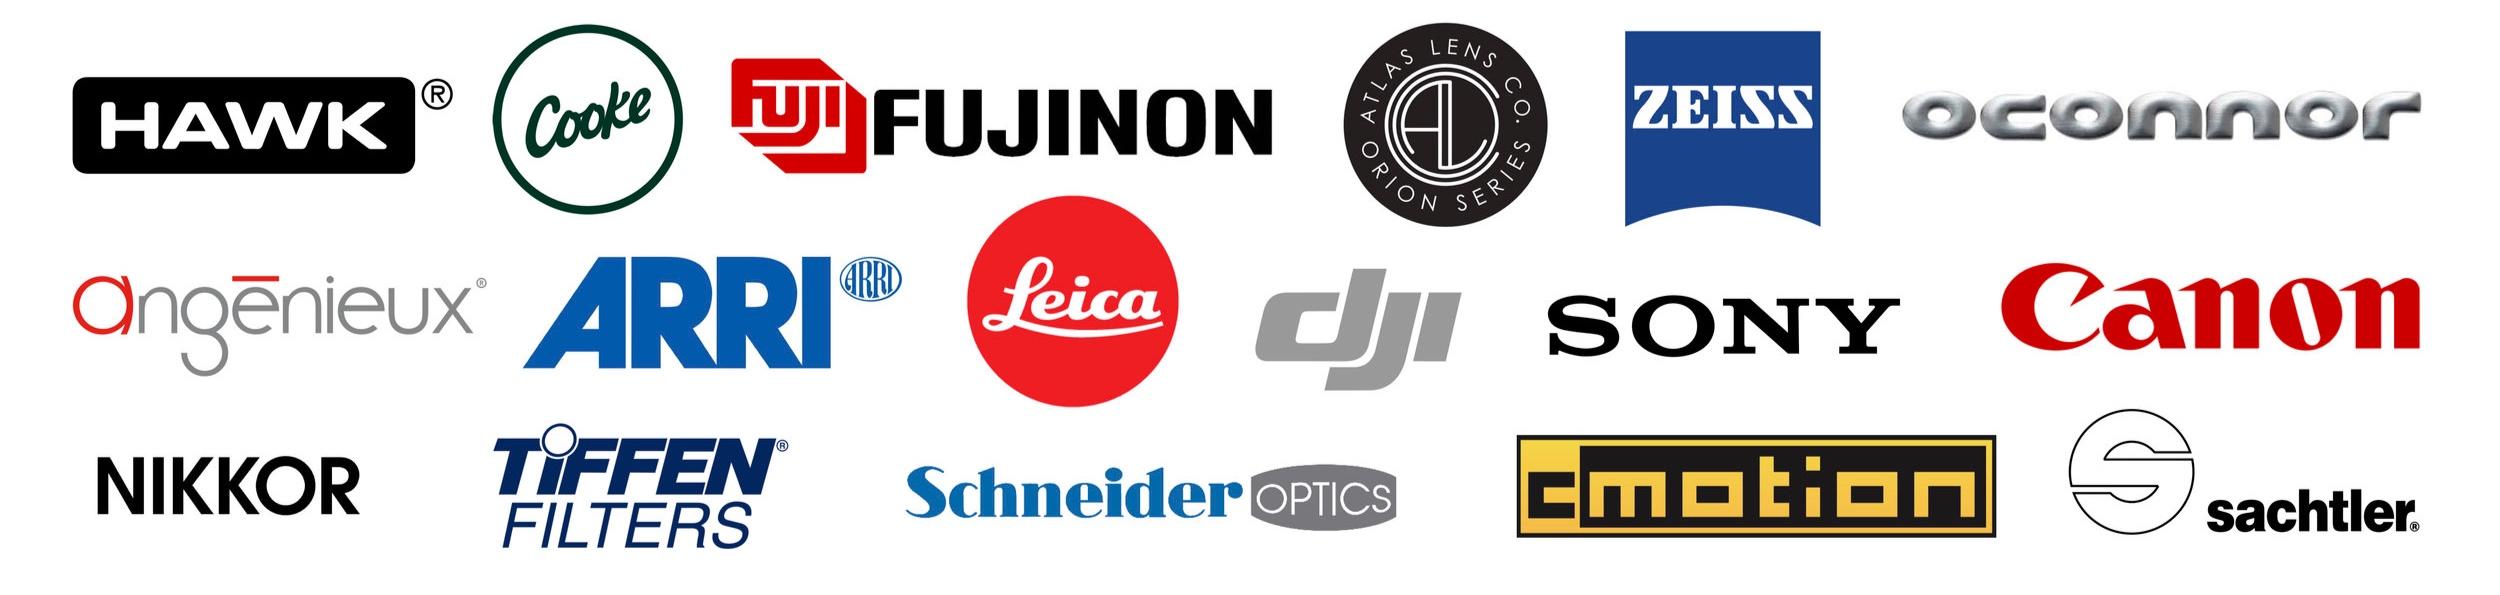 Co Logo lineup.jpg